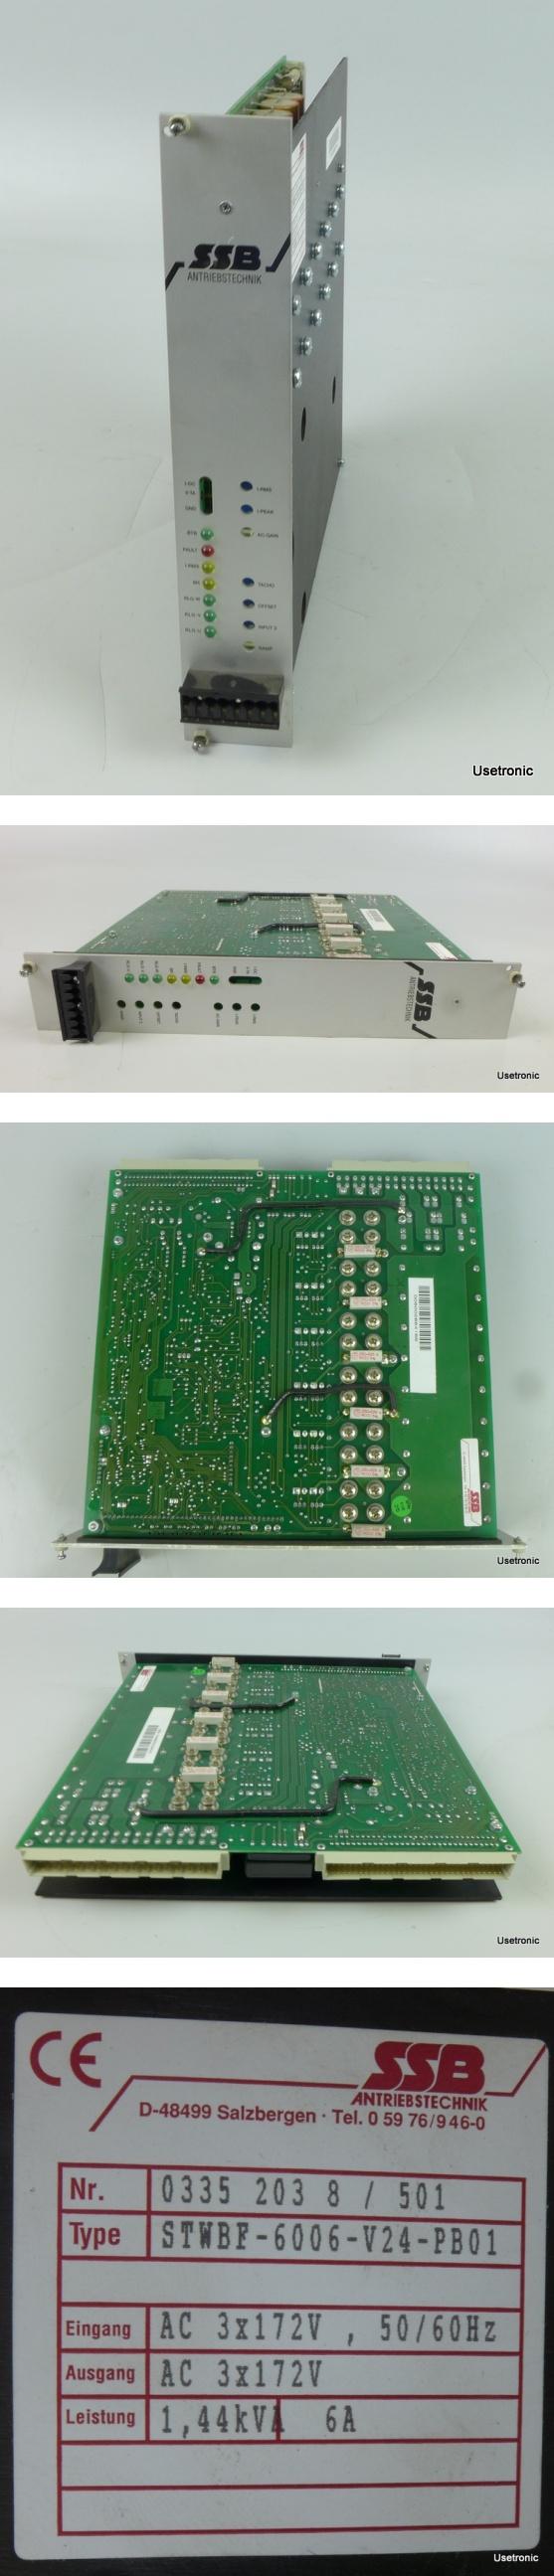 SSB Kollmorgen STWBF-6006-V24-PB01